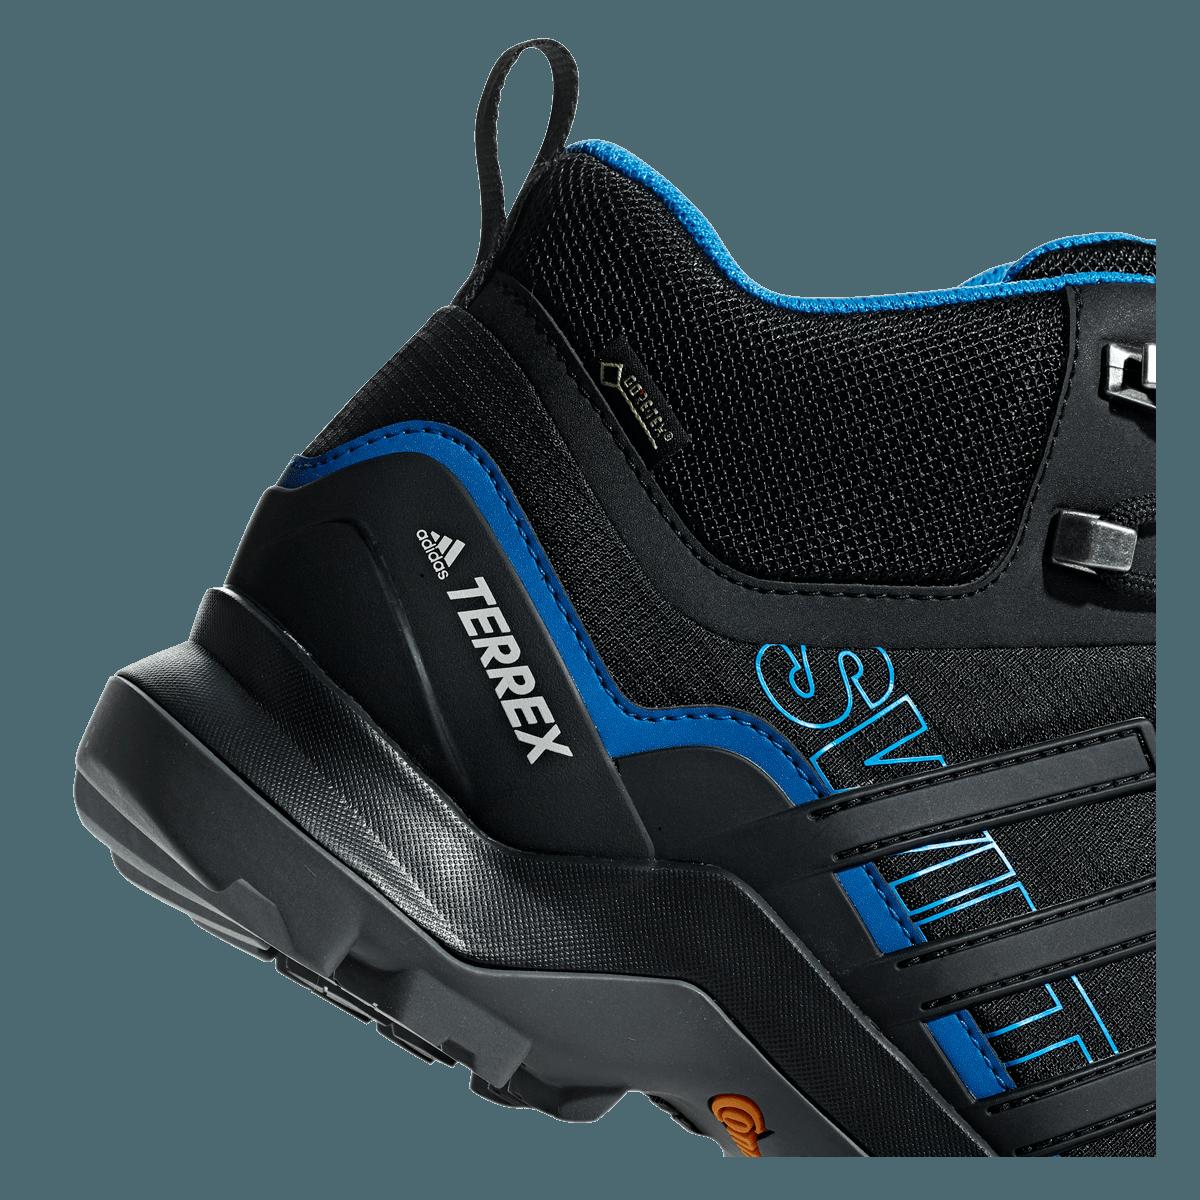 Adidas Túracipő Rendelés Online Adidas Terrex Swift R2 Mid